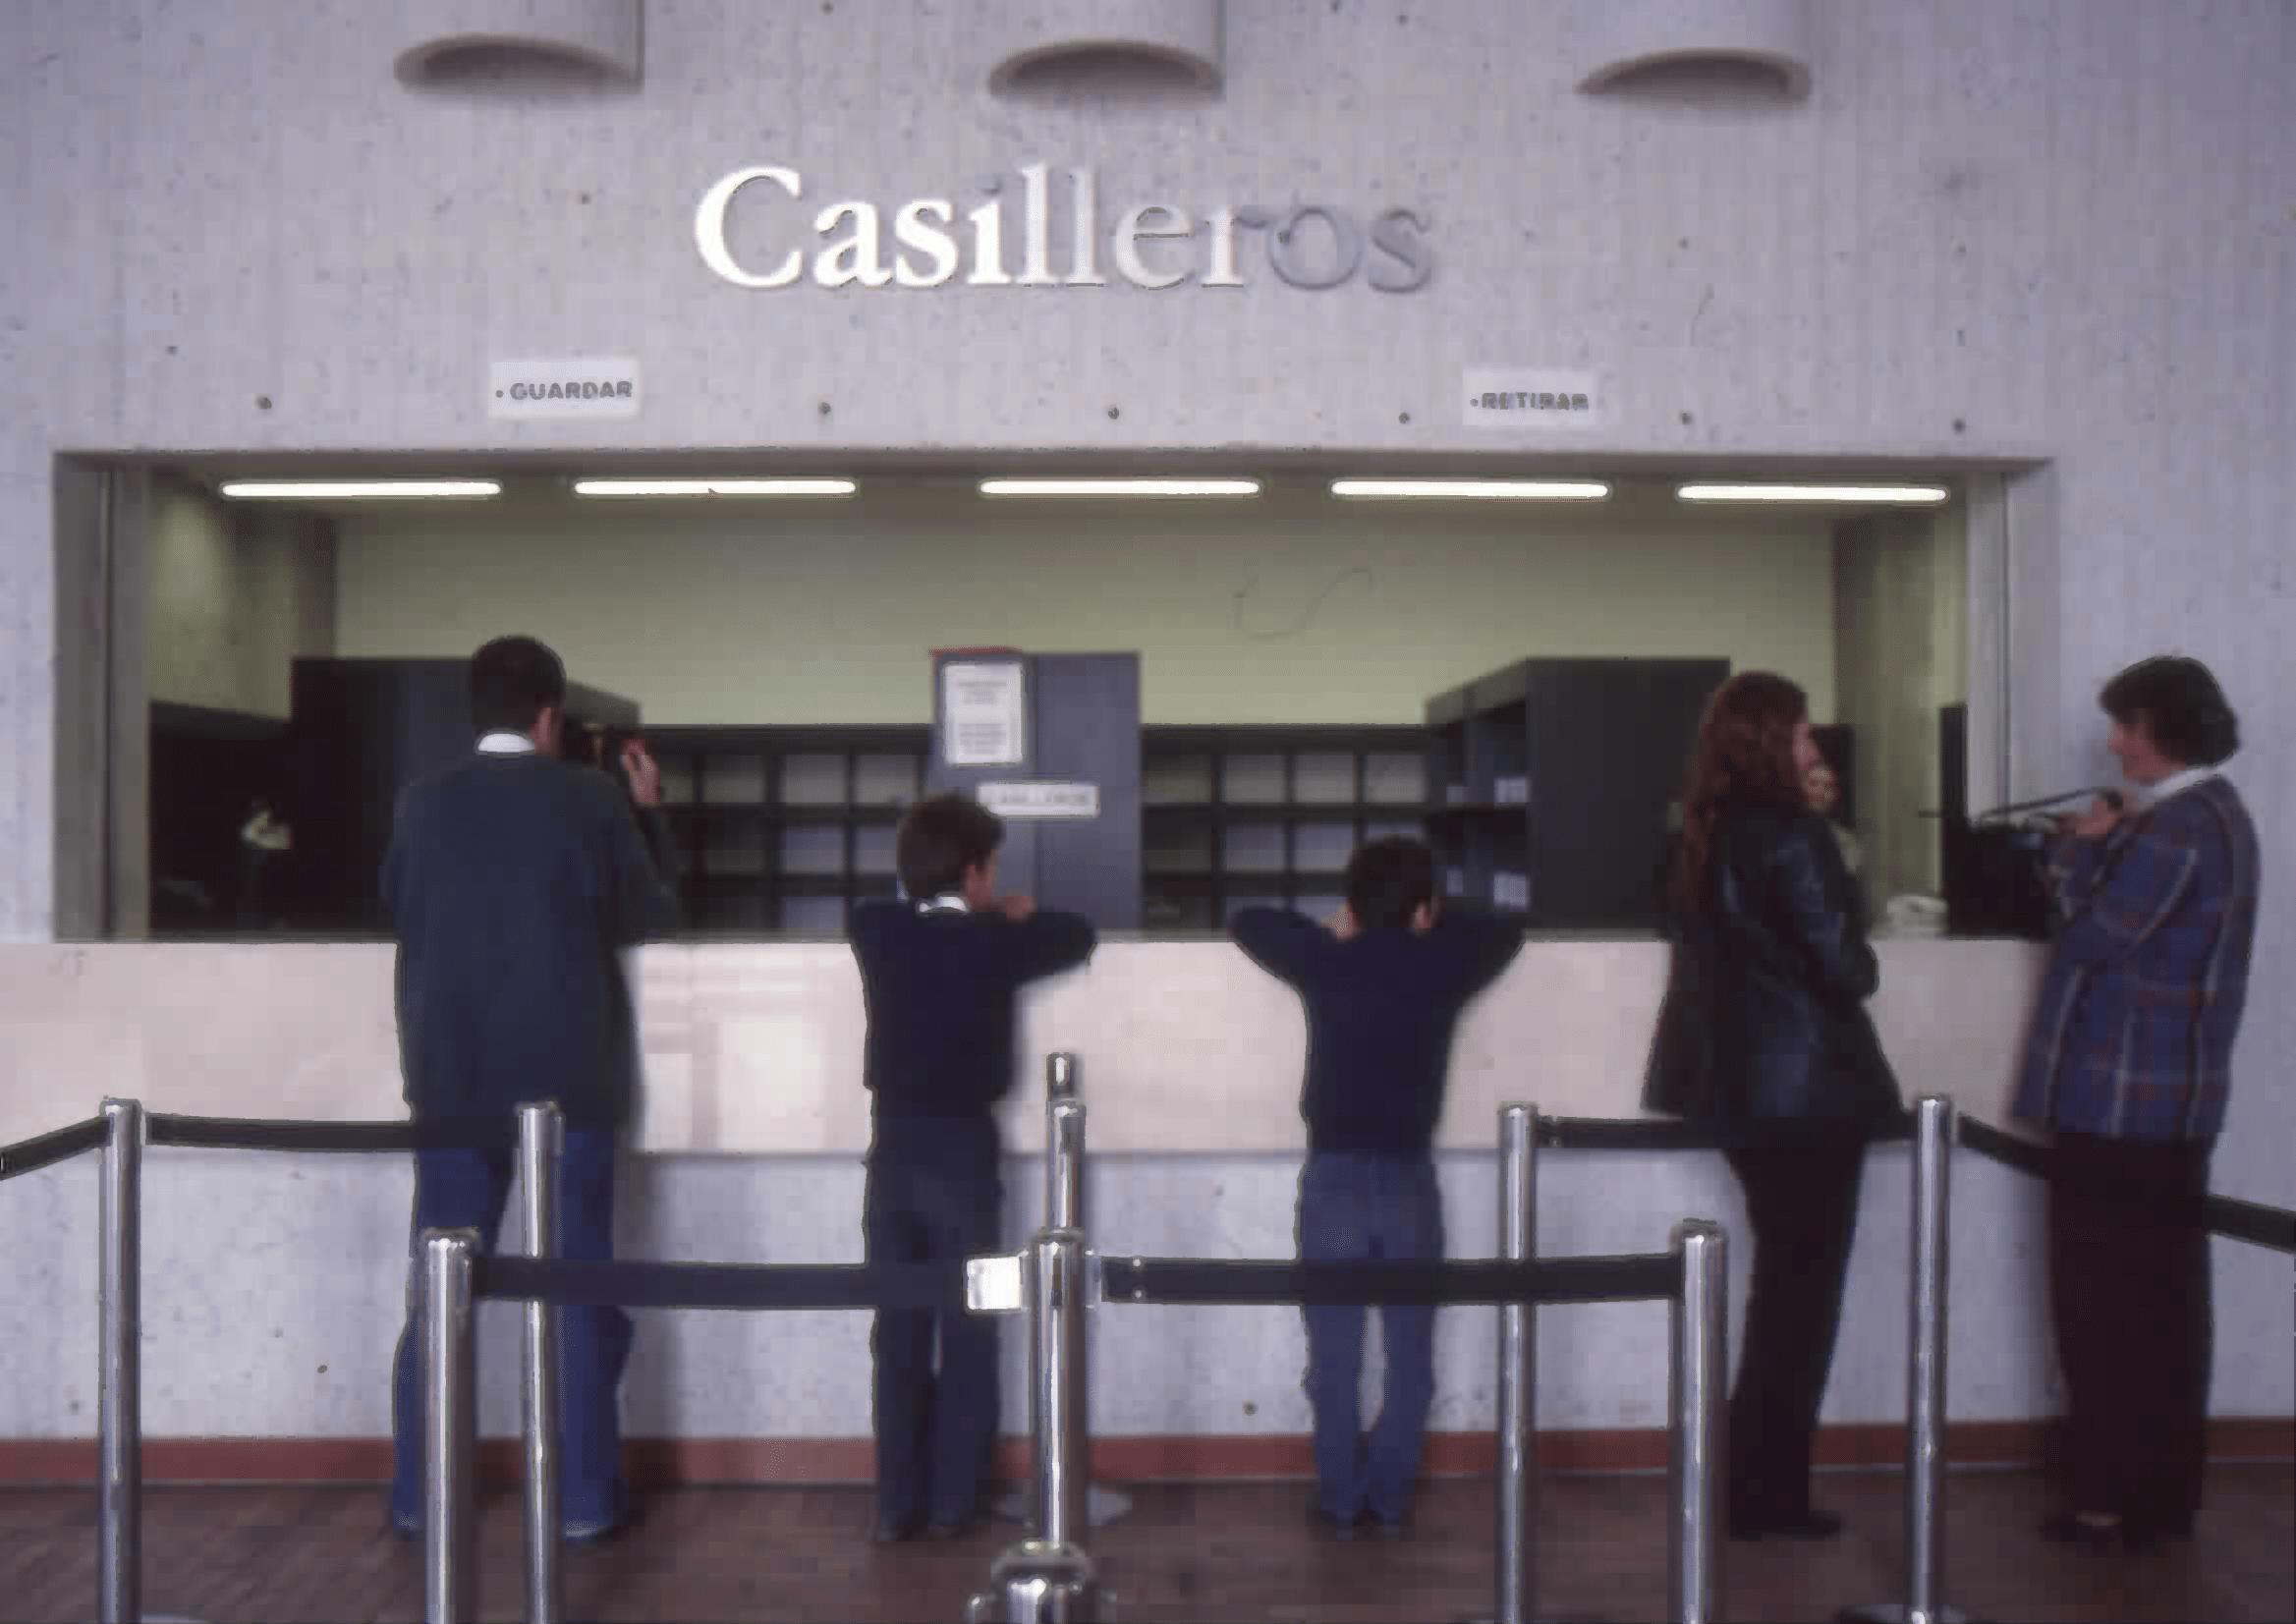 Imagen de apoyo de  Usuarios en casilleros de la Biblioteca Pública El Tintal Manuel Zapata Olivella